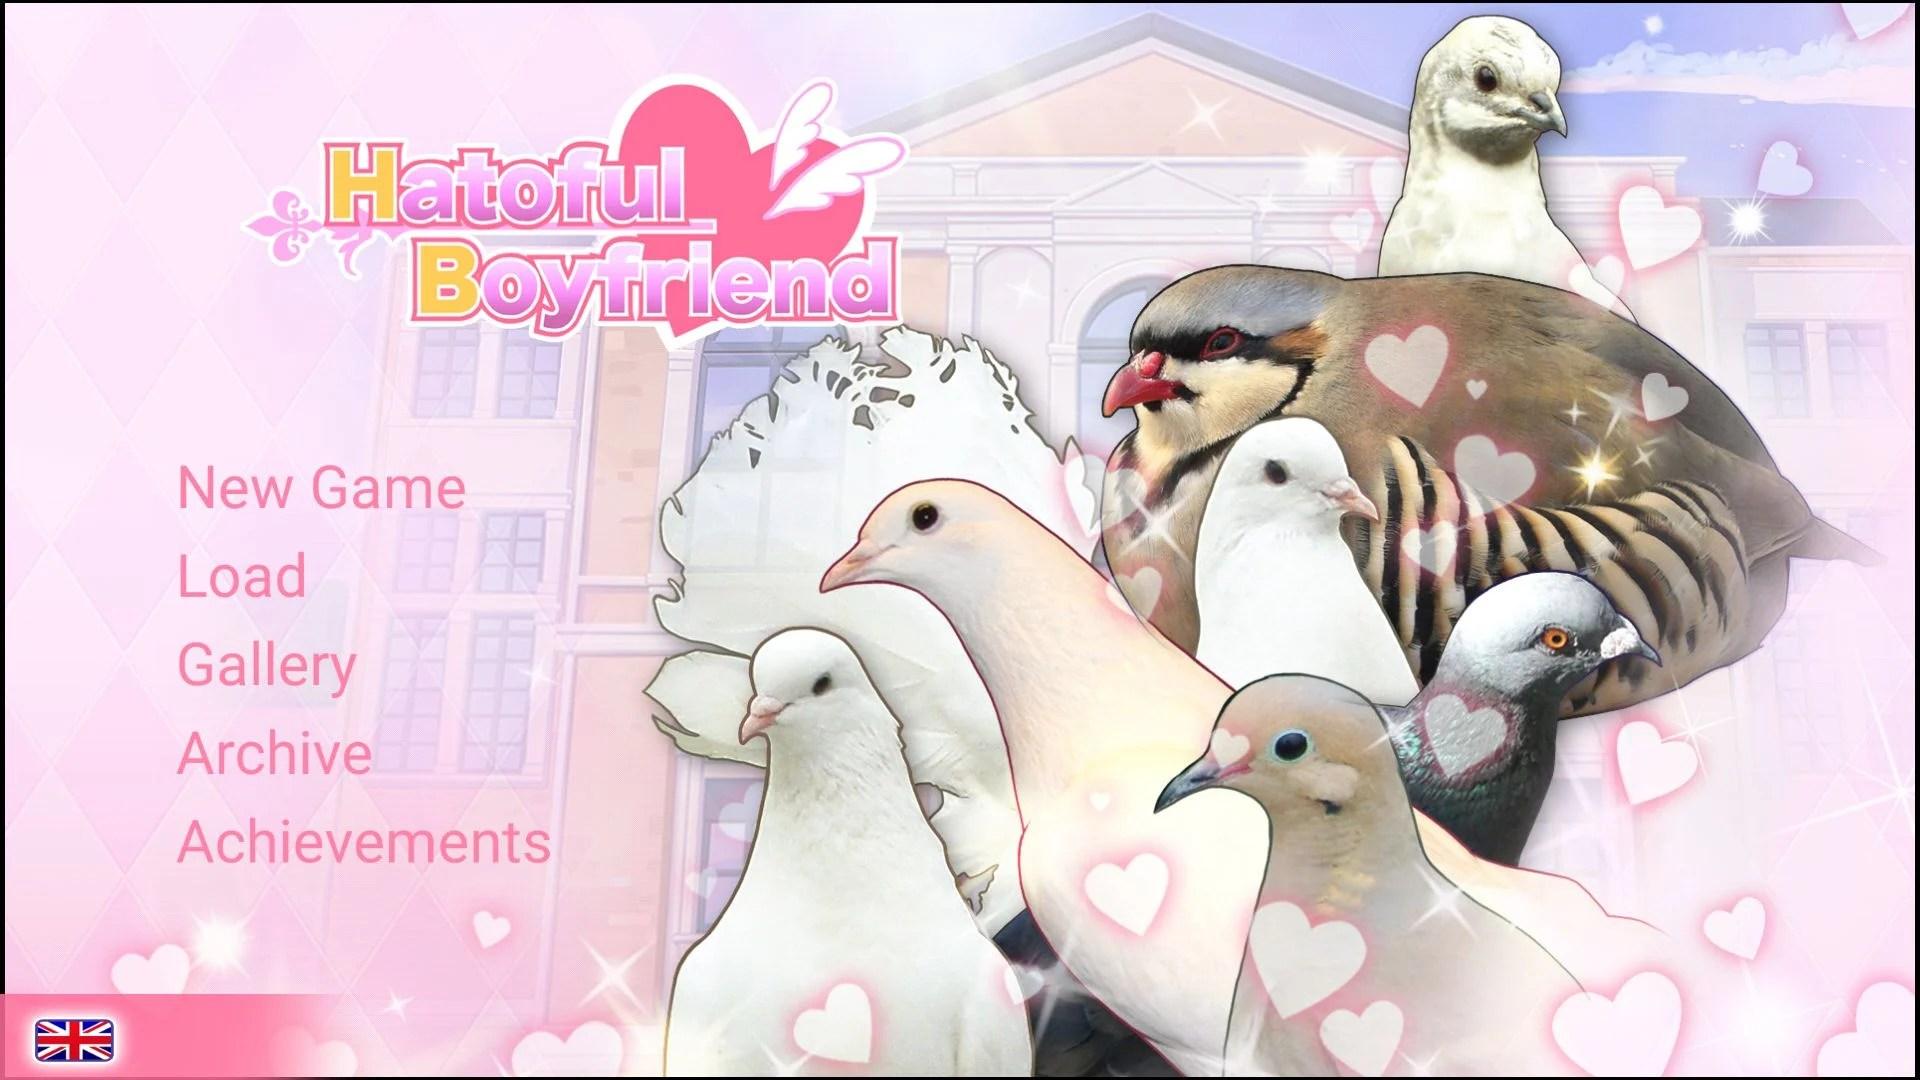 Hatoful Boyfriend est un touchant simulateur de rencontre amoureuse avec des pigeons